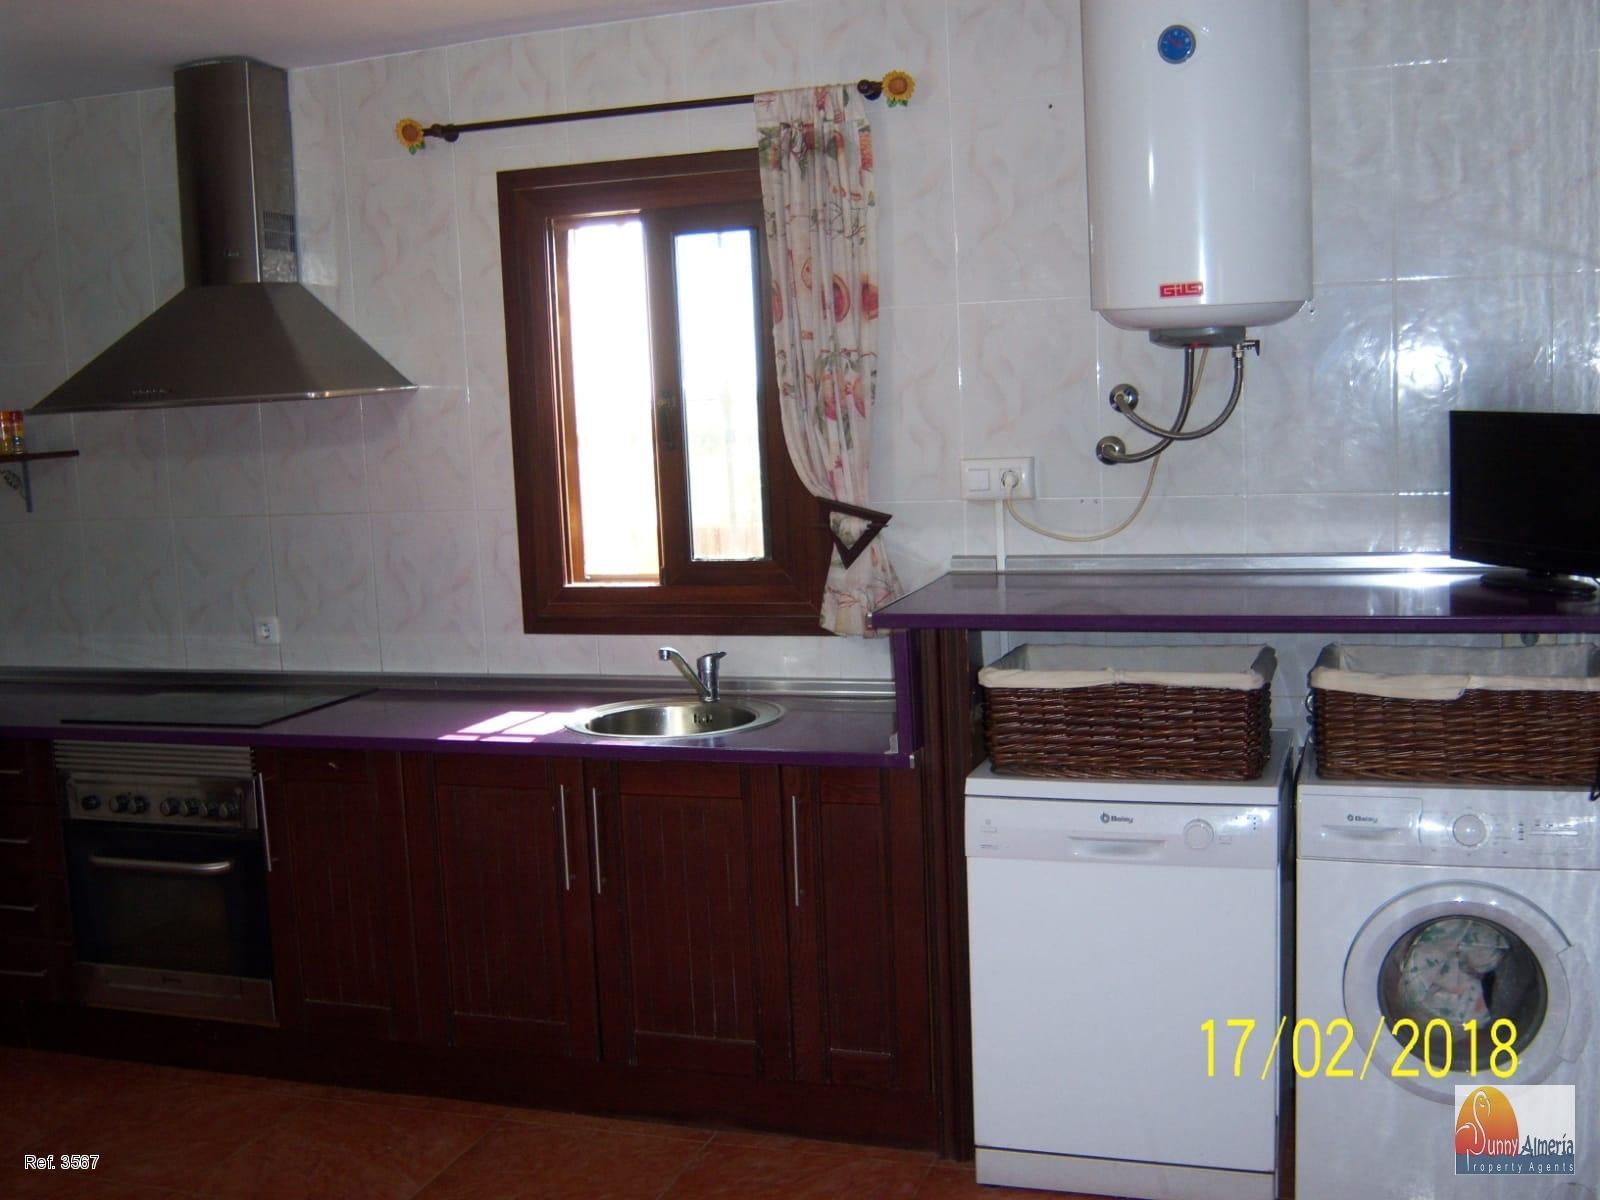 Grundstück zum verkauf in Viator, 135.000 €